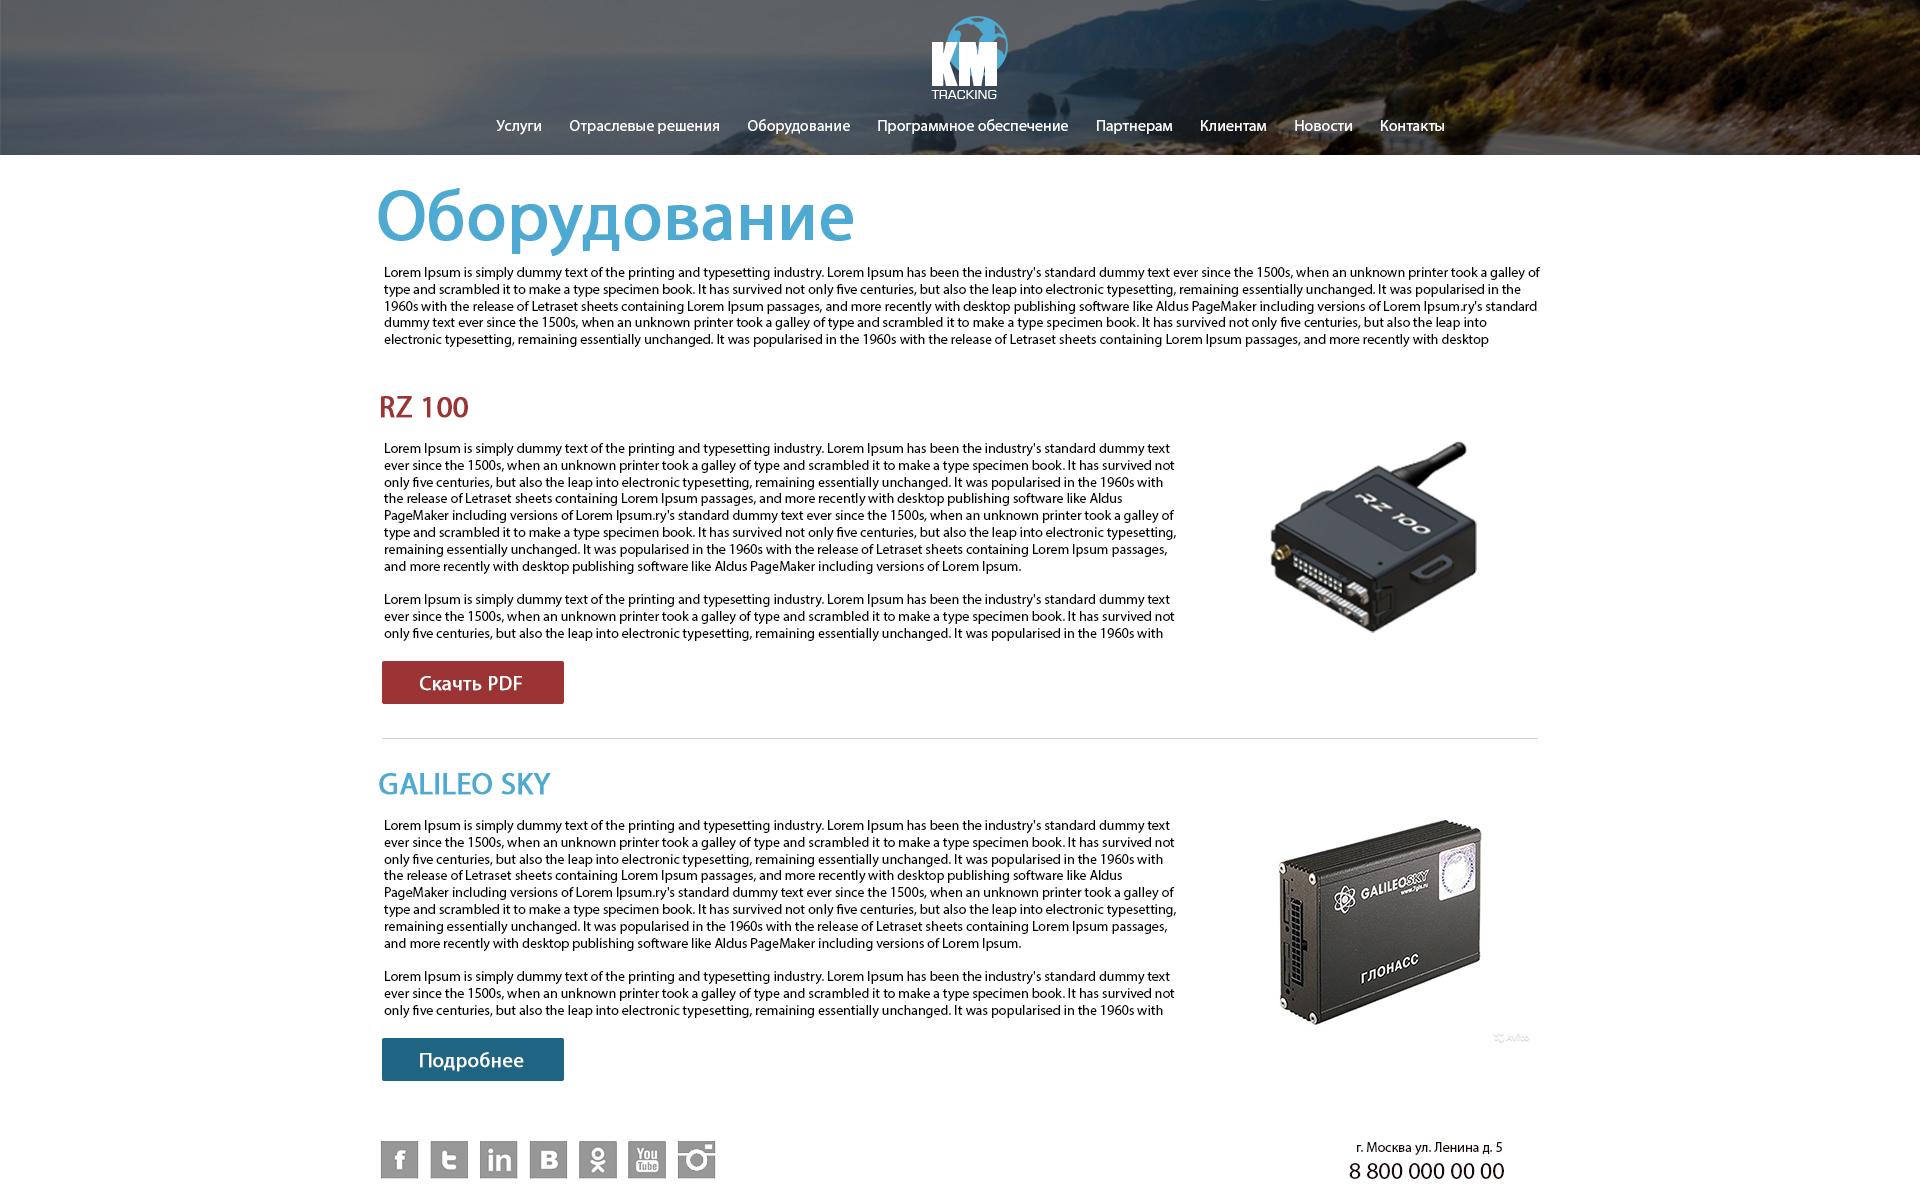 Макет сайта Мониторинг транспорта 2